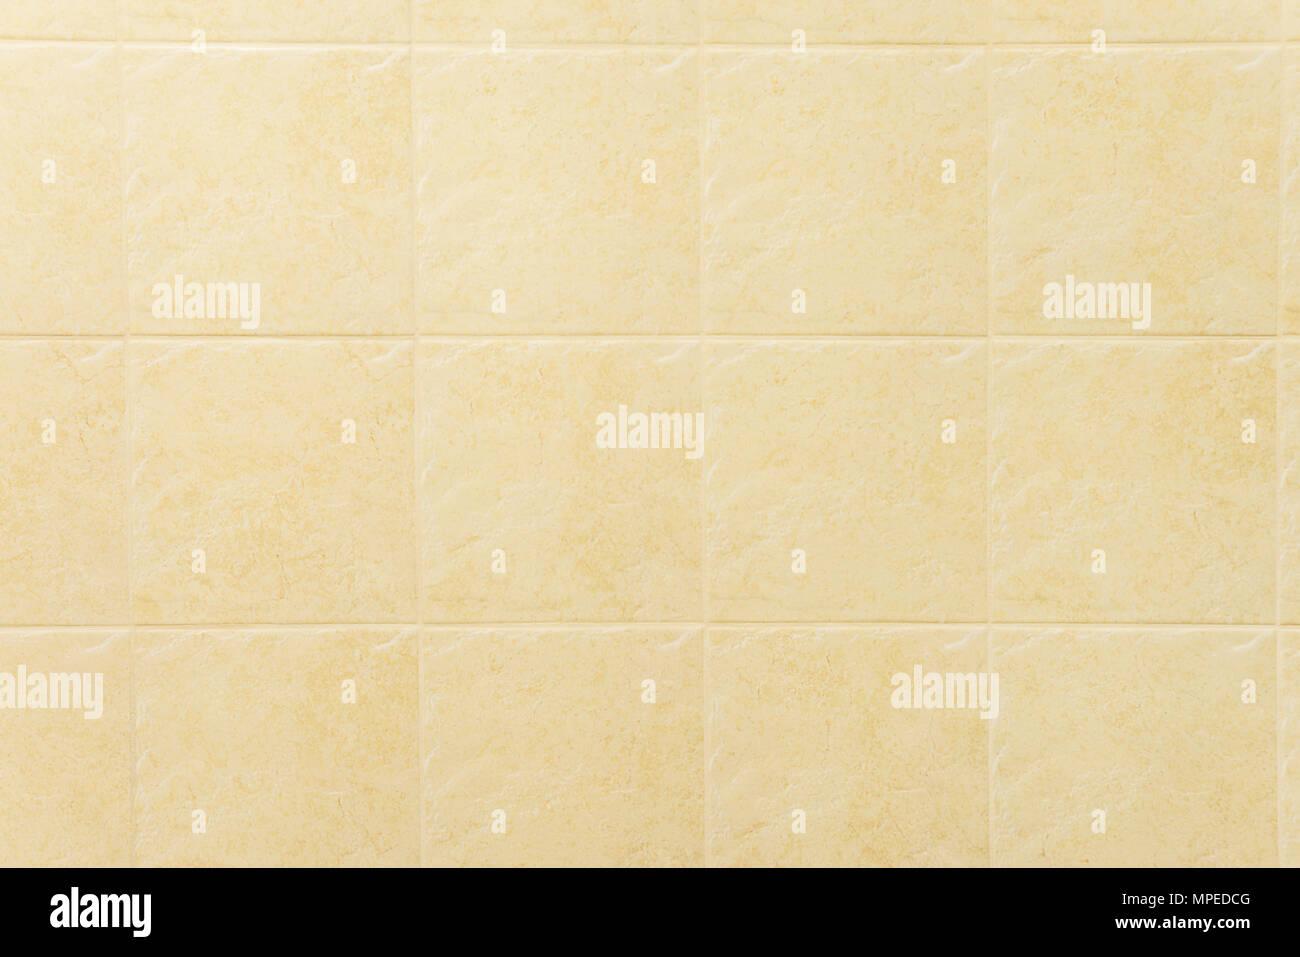 Vasca Da Bagno Disegno : Sfondo di colore beige piastrelle in ceramica con disegno astratto